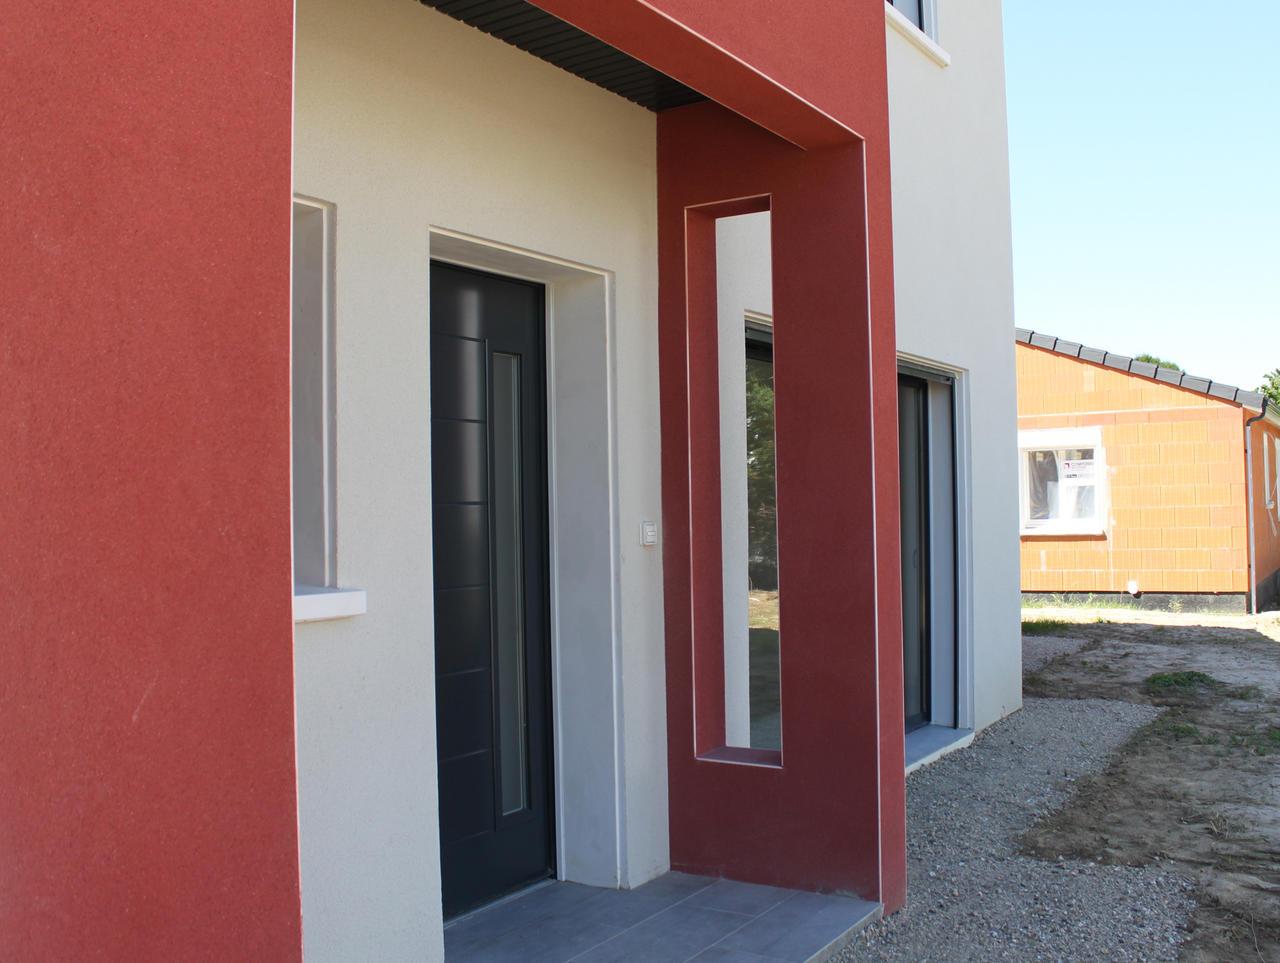 maison avec porche dentre maison moderne avec double garage accol linteaux cintrs portes. Black Bedroom Furniture Sets. Home Design Ideas